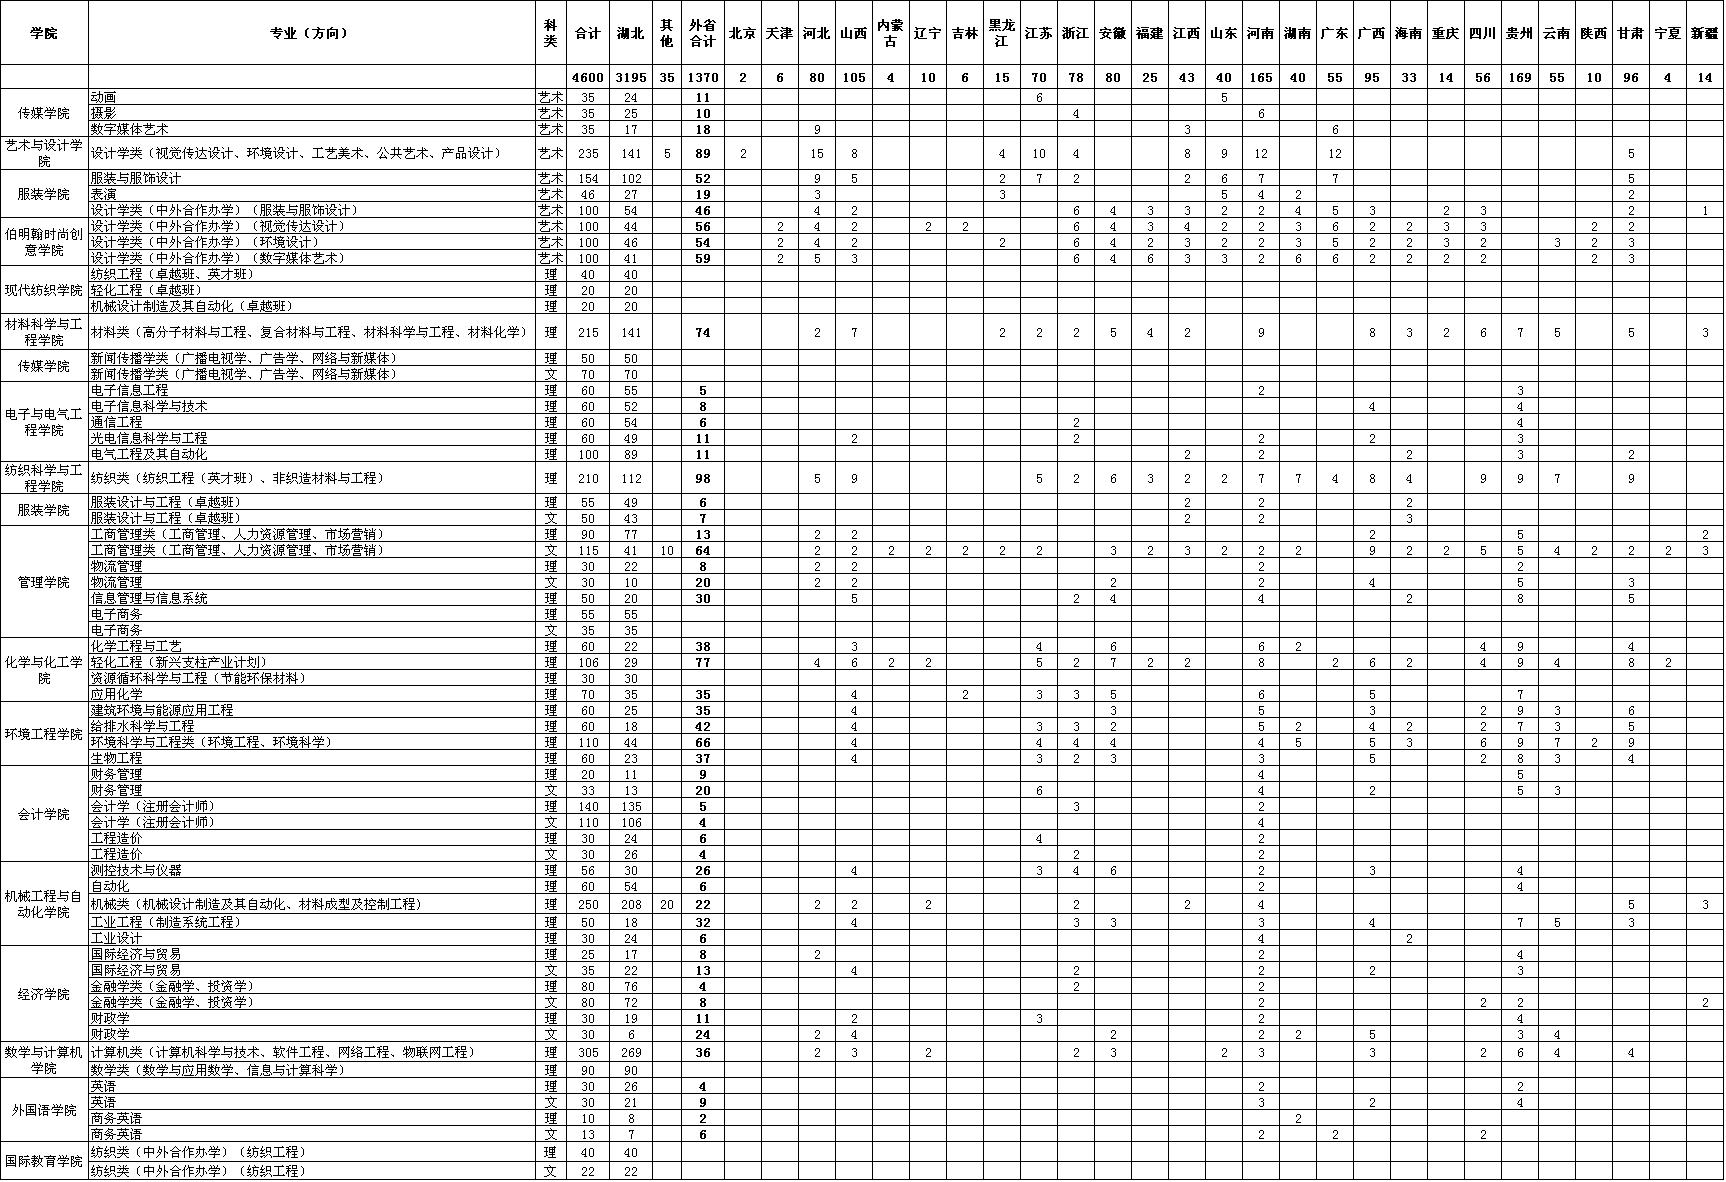 武汉纺织大学2017年招生计划表(本科)